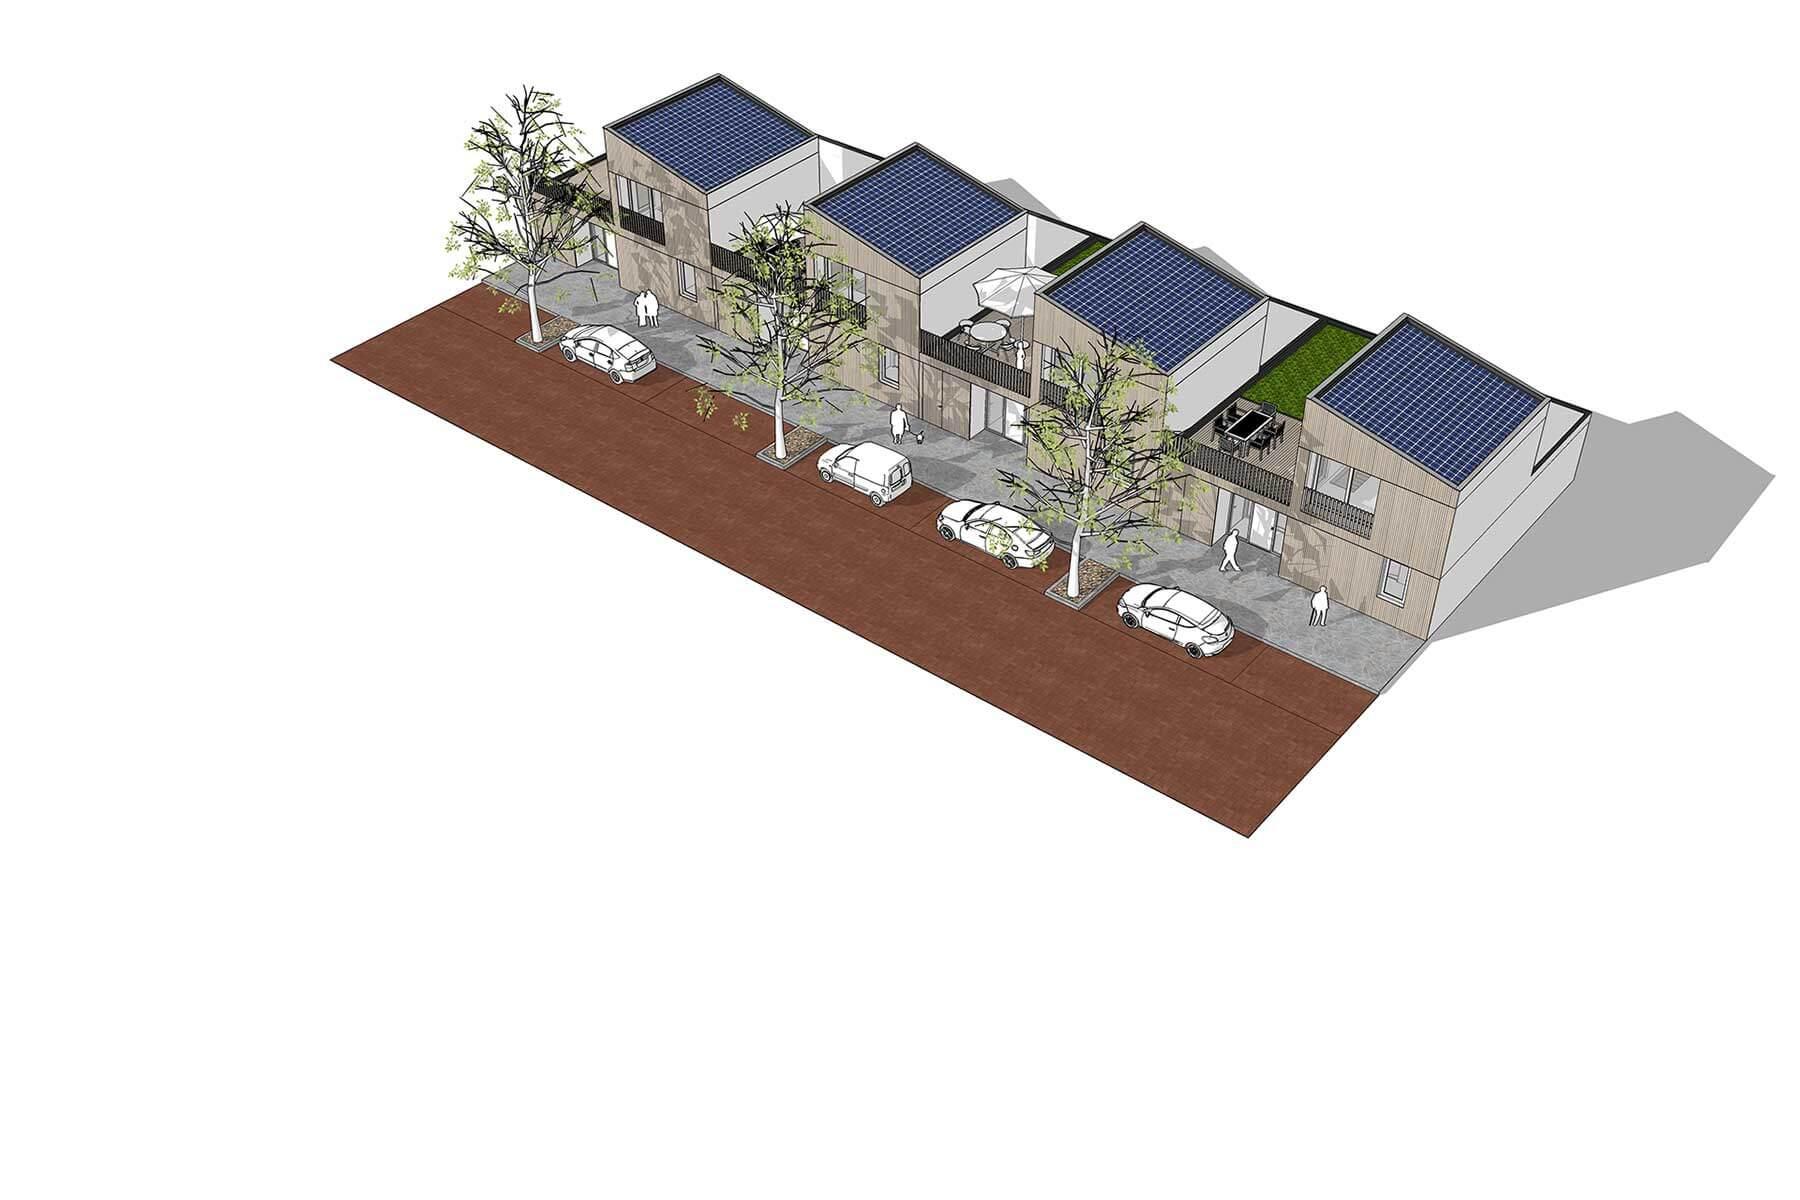 8A Architecten - Quokka bungalow, de geschakelde gelijkvloerse bungalow